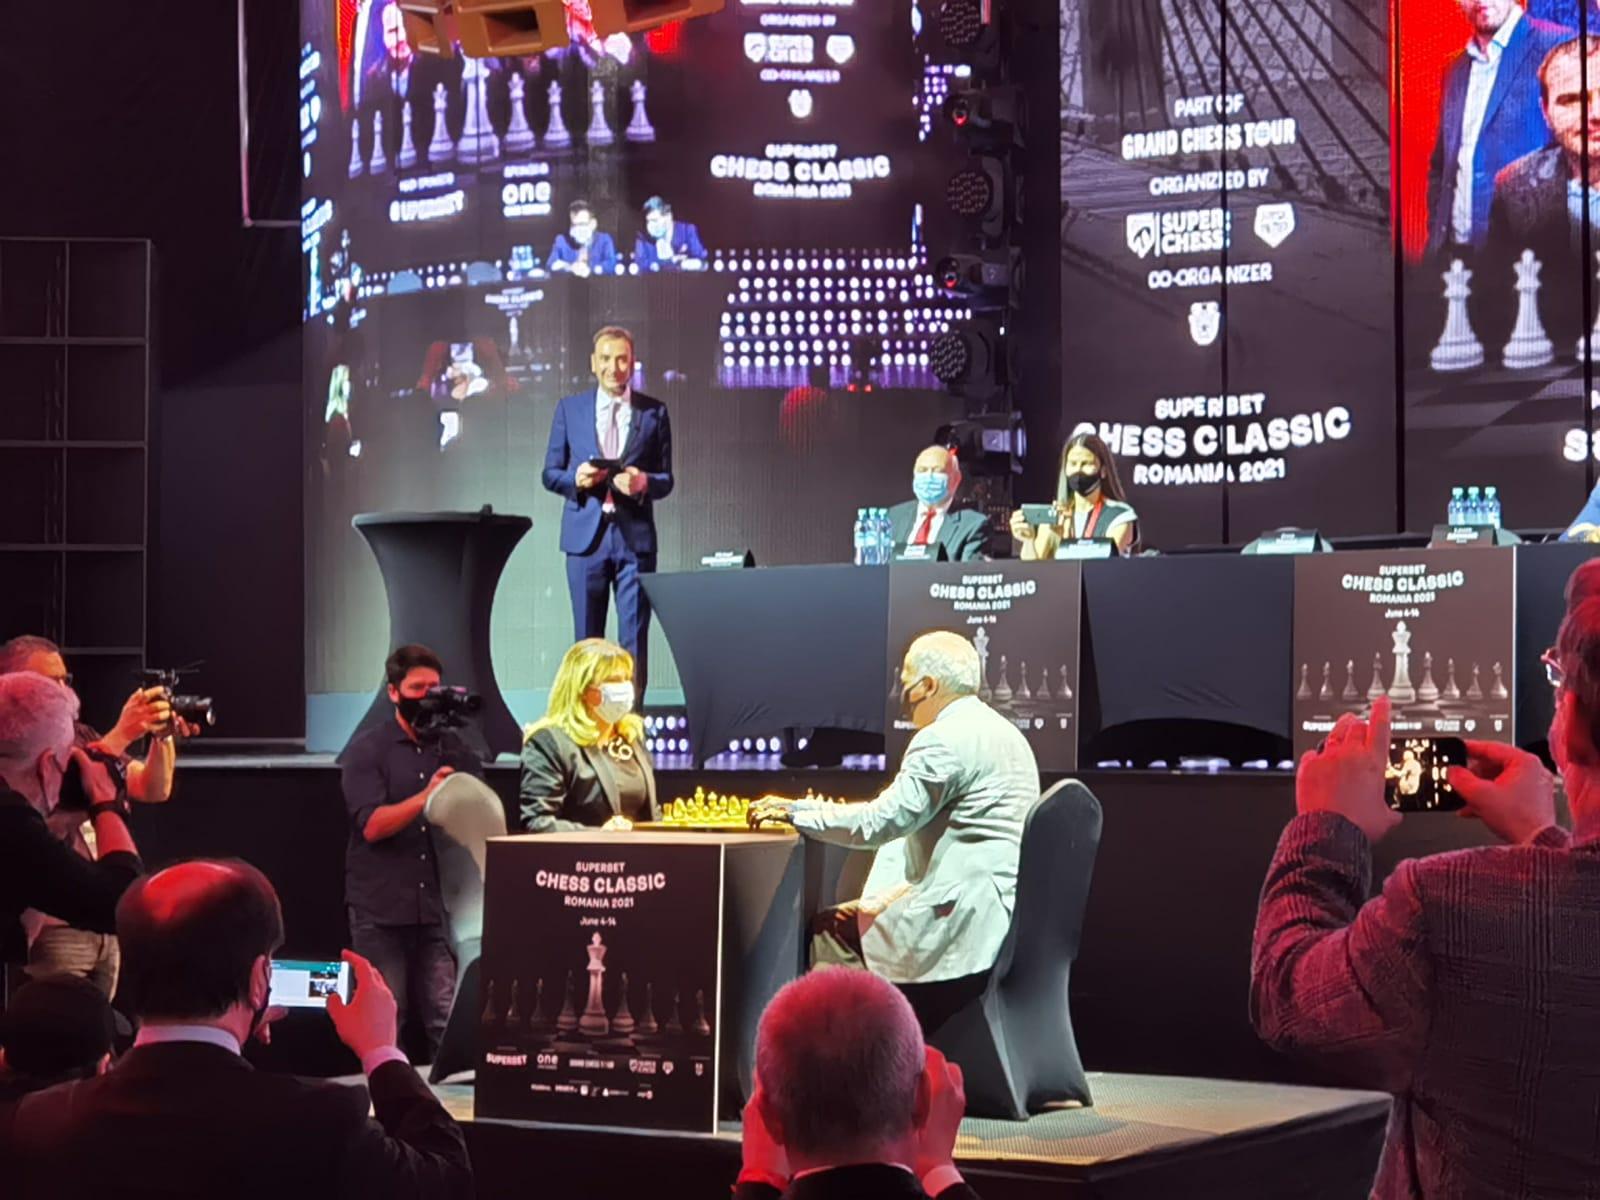 Garry Kasparov, Anca Dragu, Grand Chess Tour, Superbet